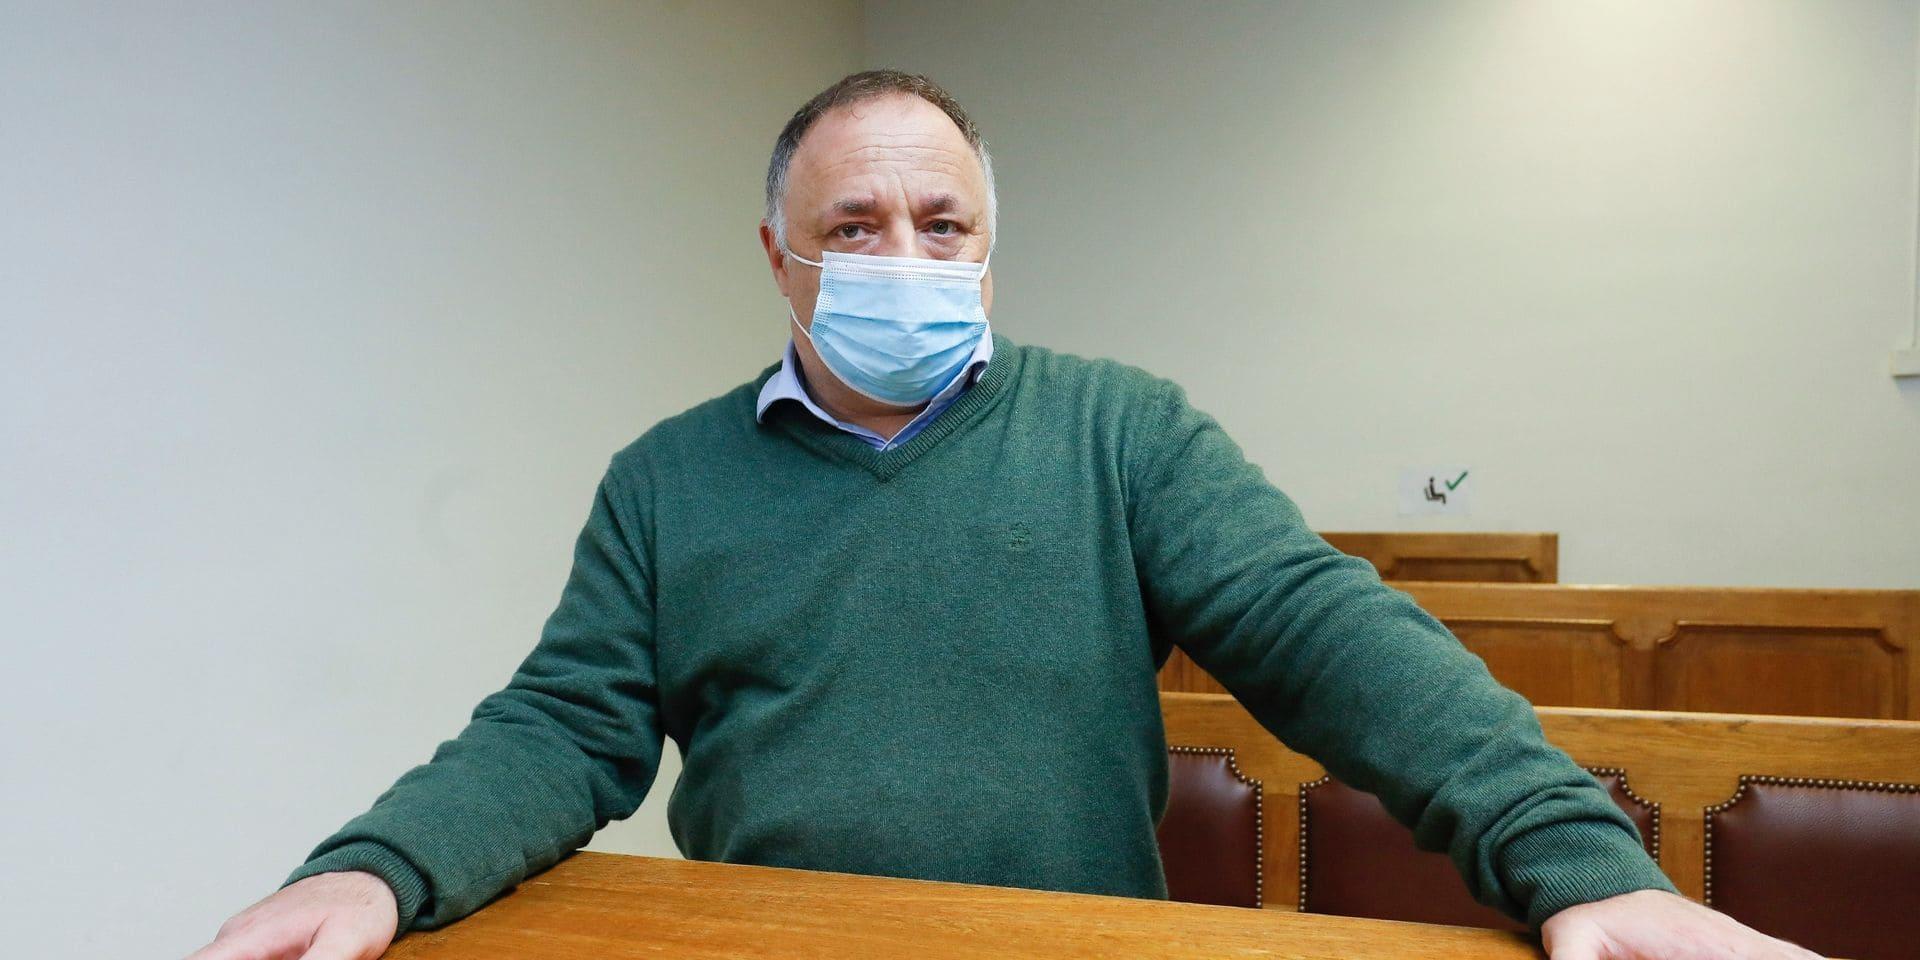 Le variant britannique concerne une minorité des contaminations en Belgique mais cela peut rapidement augmenter, avertit Van Ranst